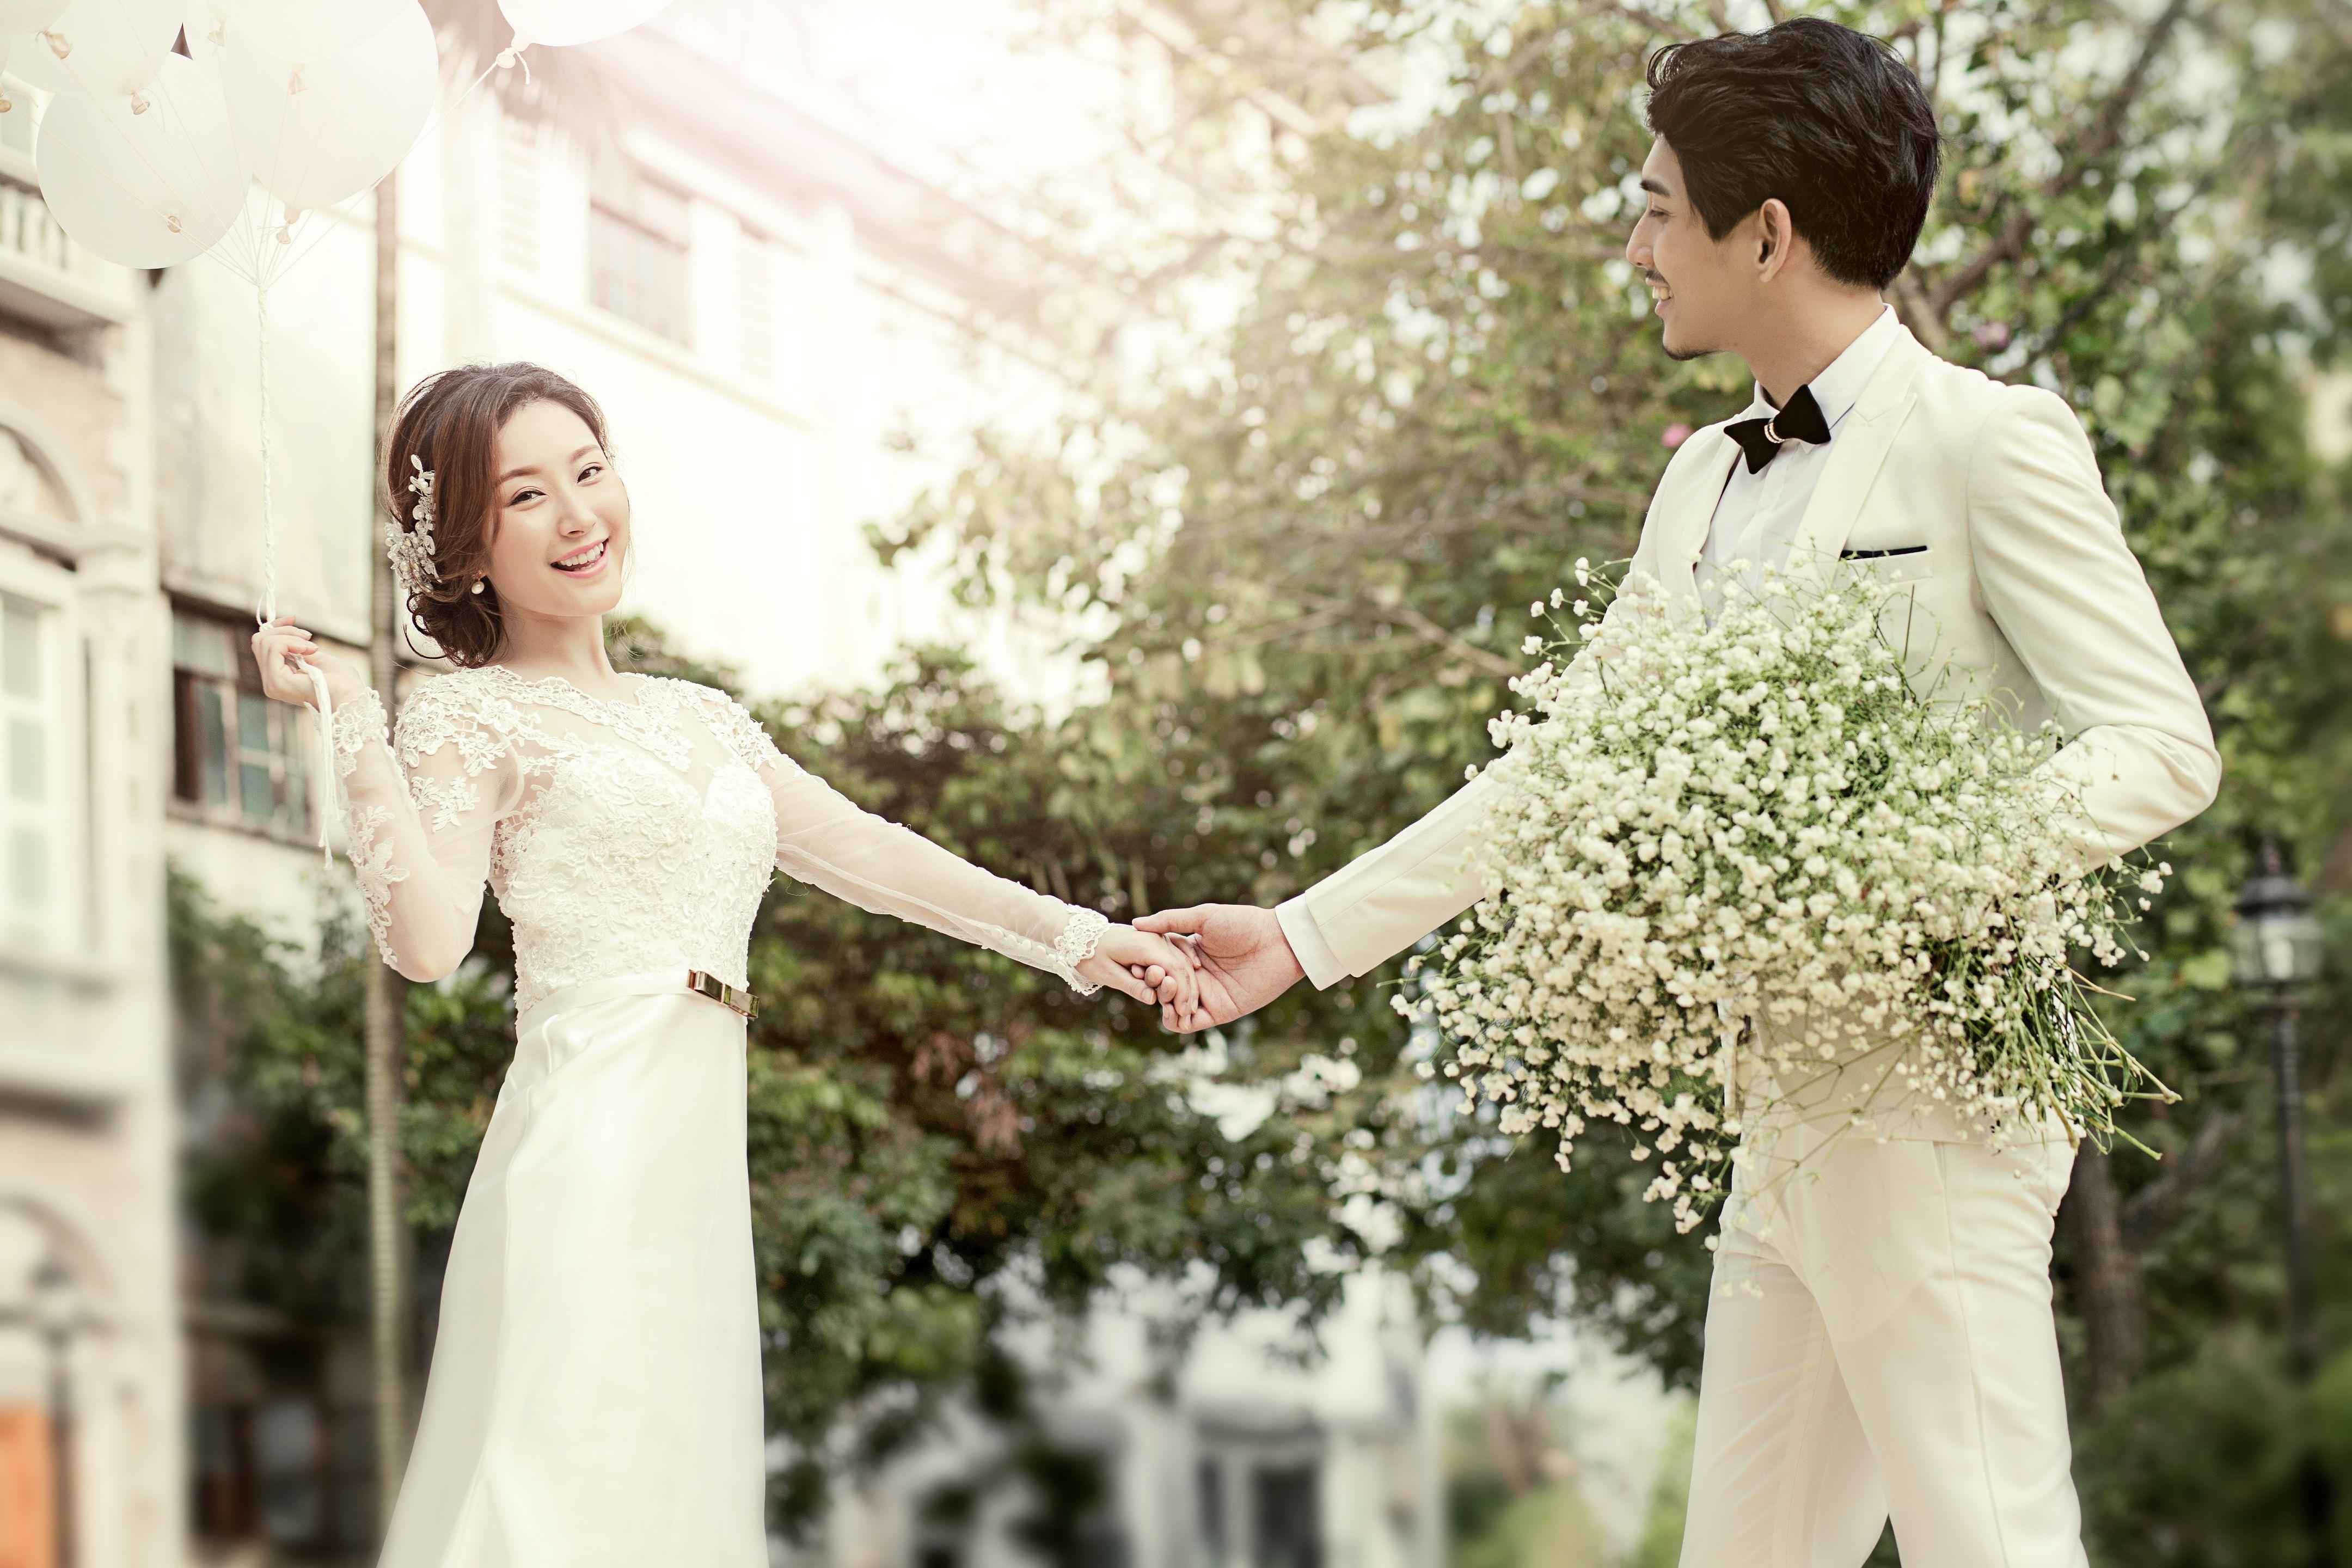 婚礼英文歌曲歌单,婚礼实用英文歌单